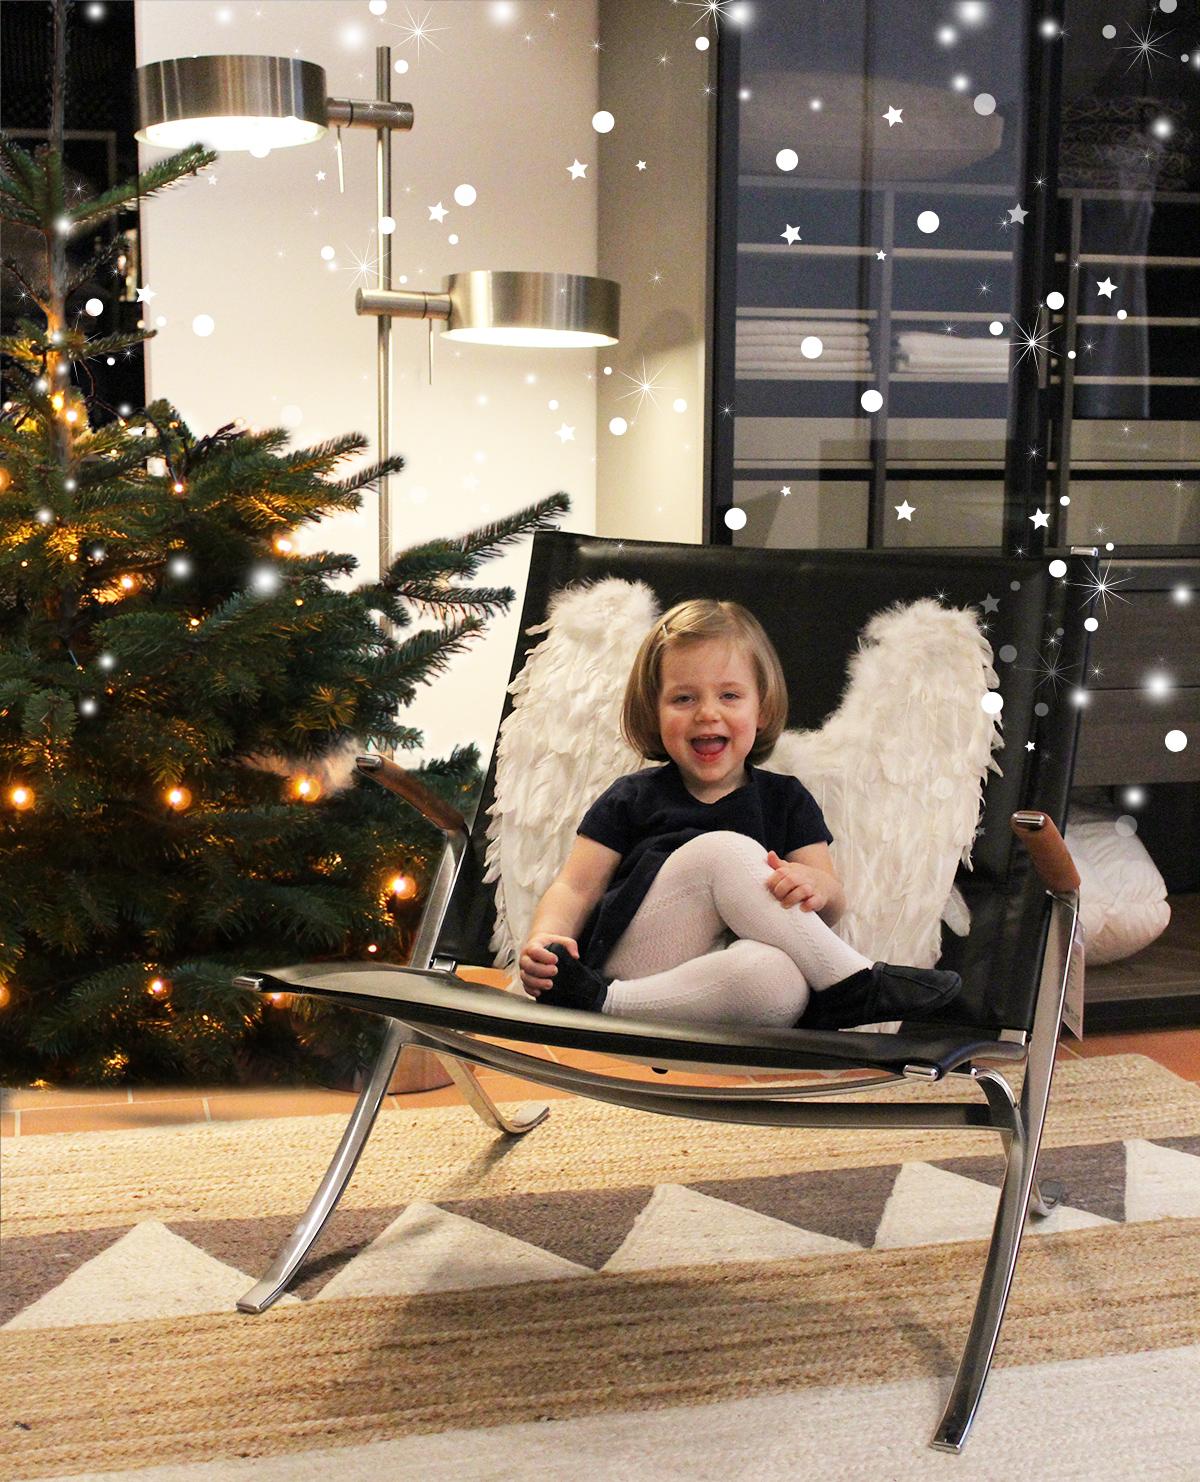 Neue Geschenkideen Weihnachten.Adventskalender Mit 24 Geschenkideen Von Hans G Bock No 24